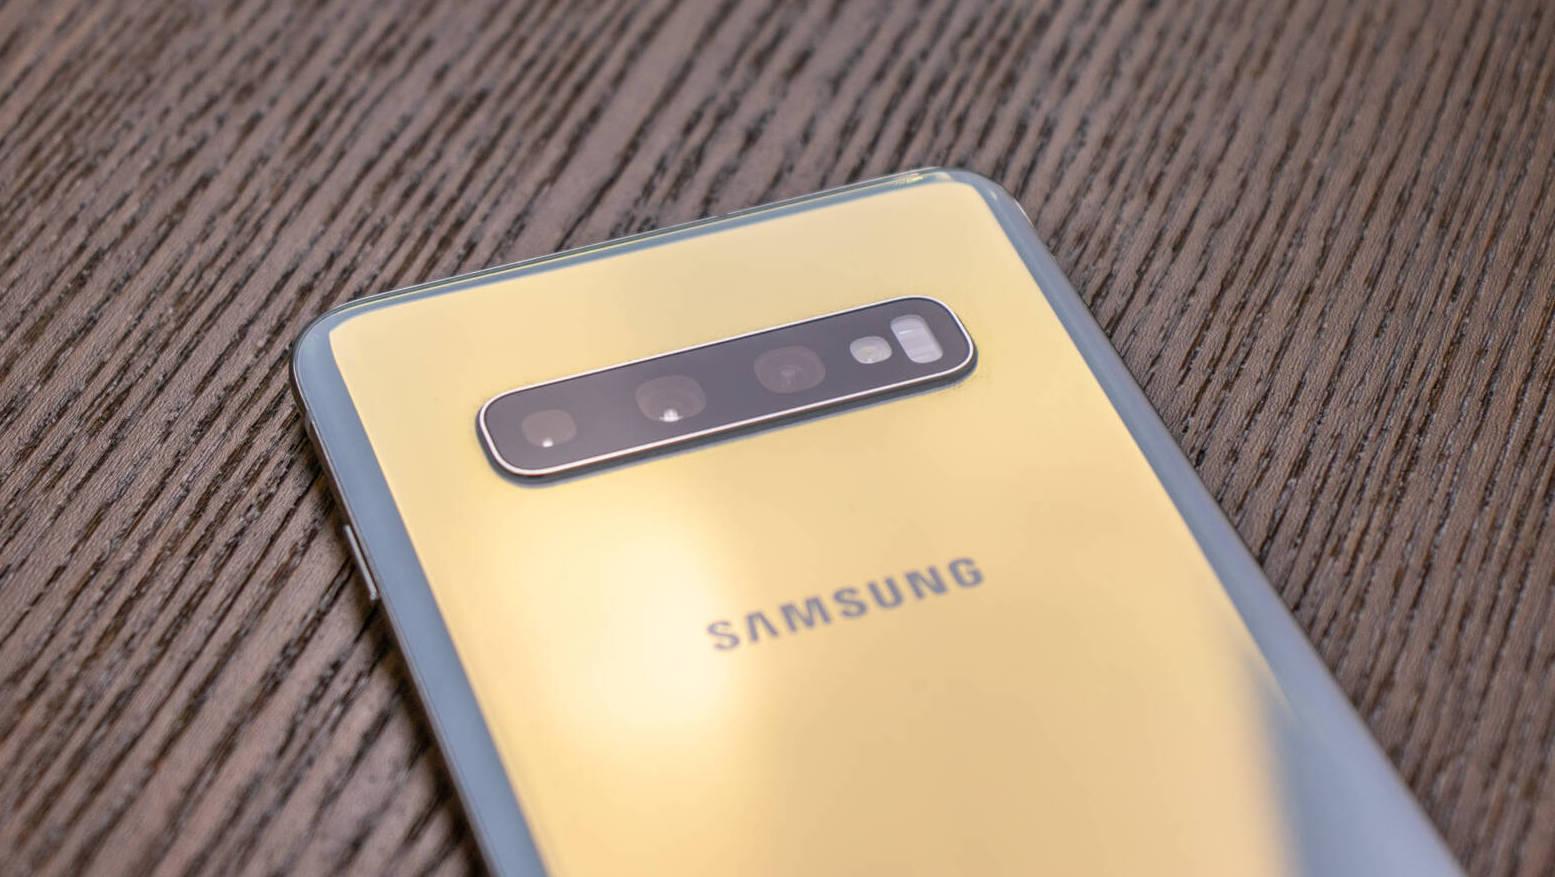 Samsung mění plán aktualizací pro smartphony a tablety [aktualizováno]